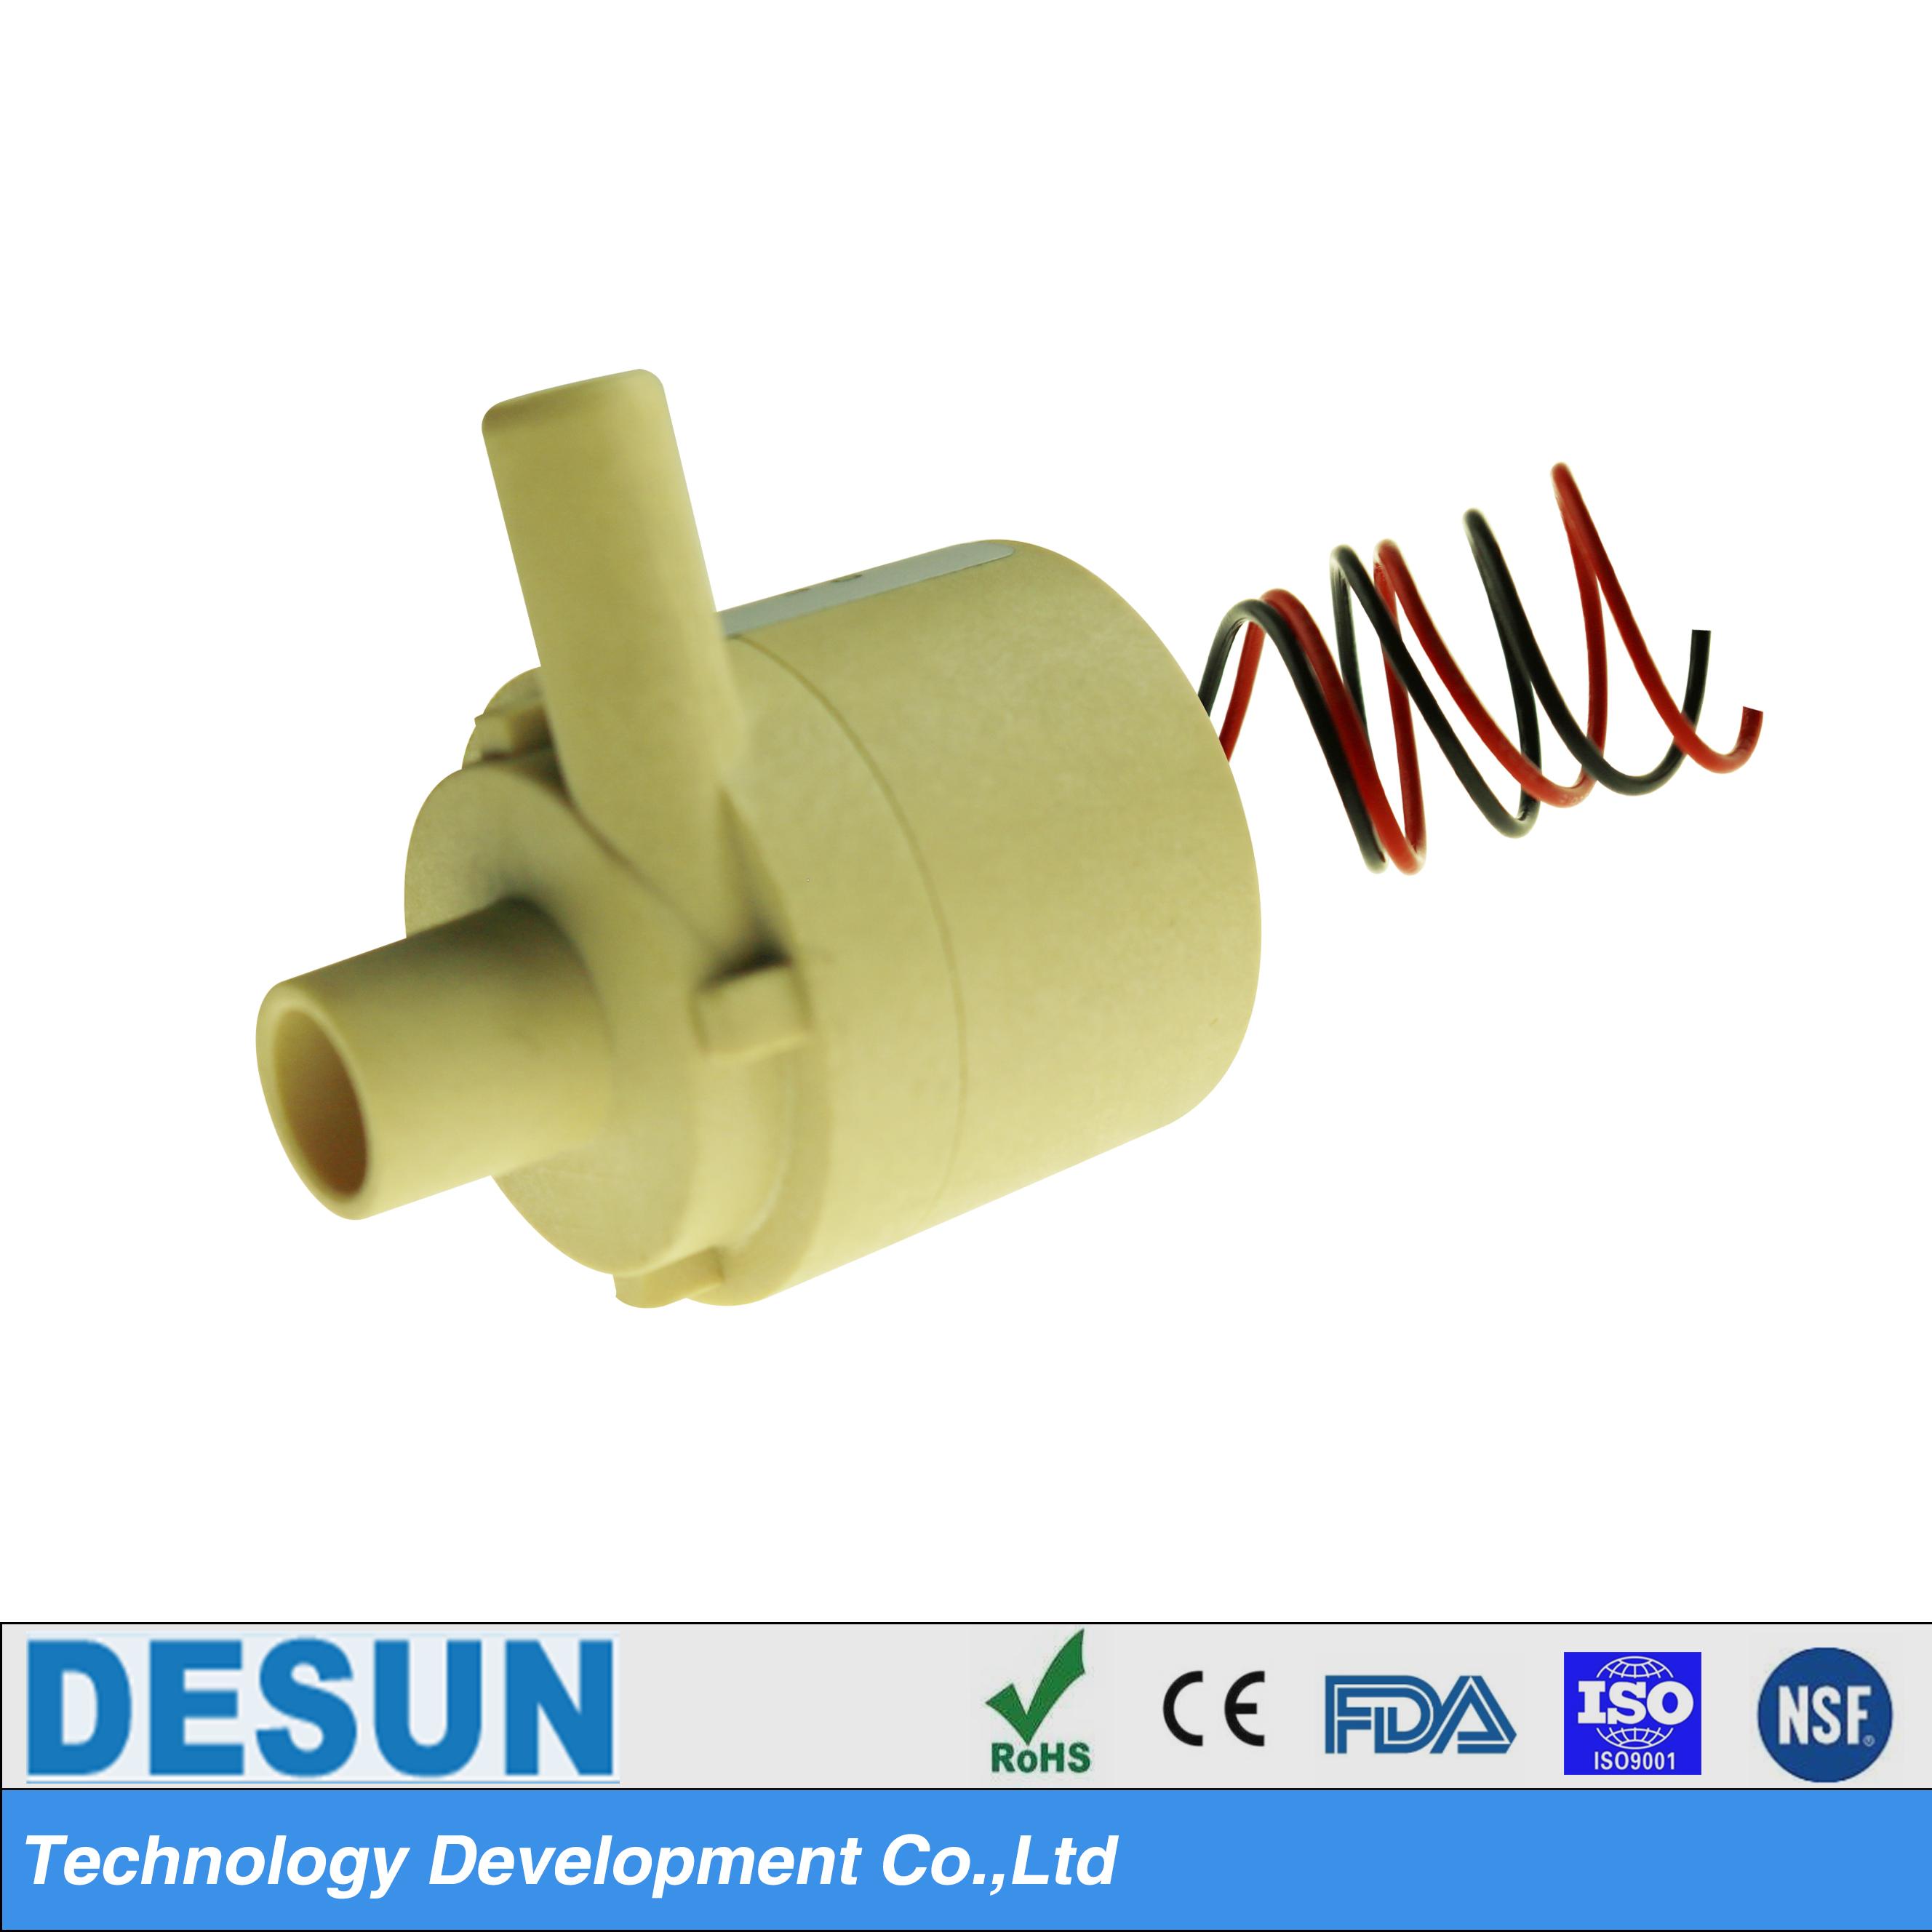 微型无刷直流潜水泵DS2501H